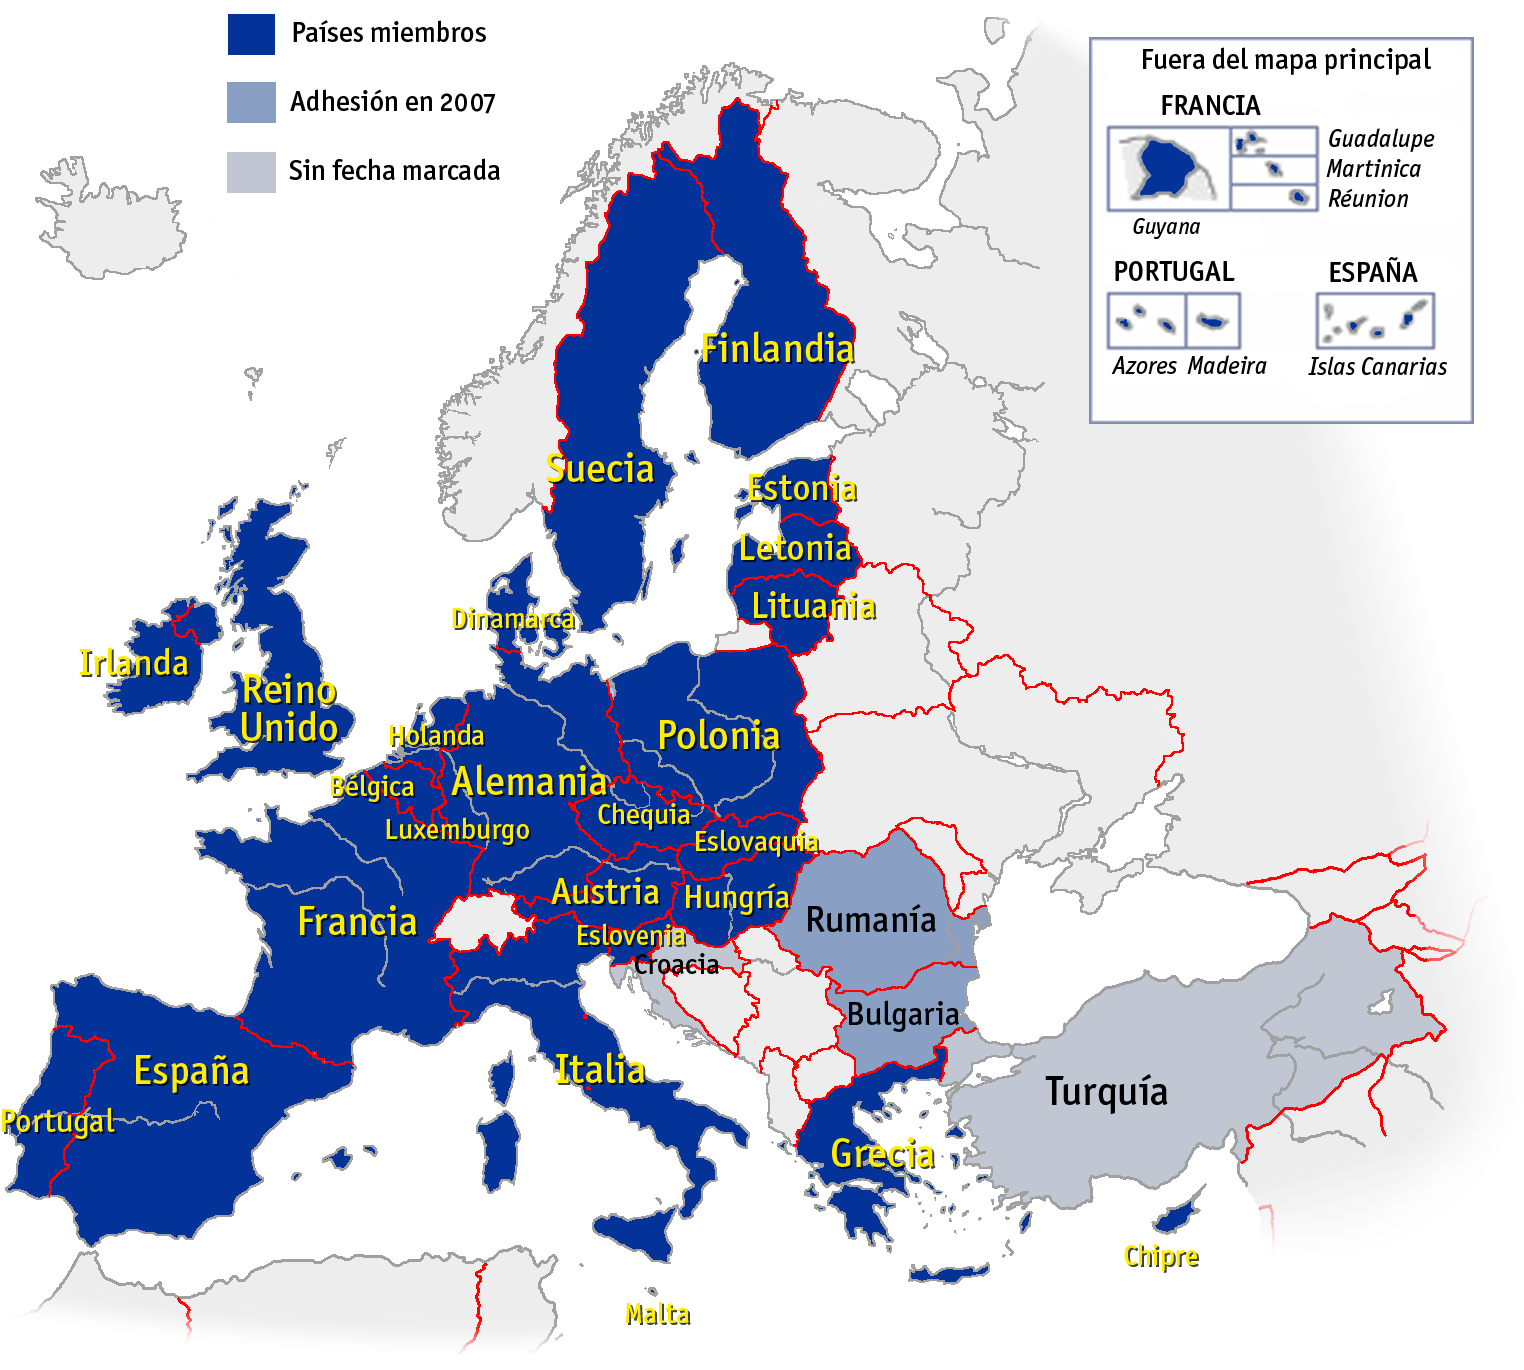 ue mapa Archivo:Mapa union europea.png   Wikipedia, la enciclopedia libre ue mapa